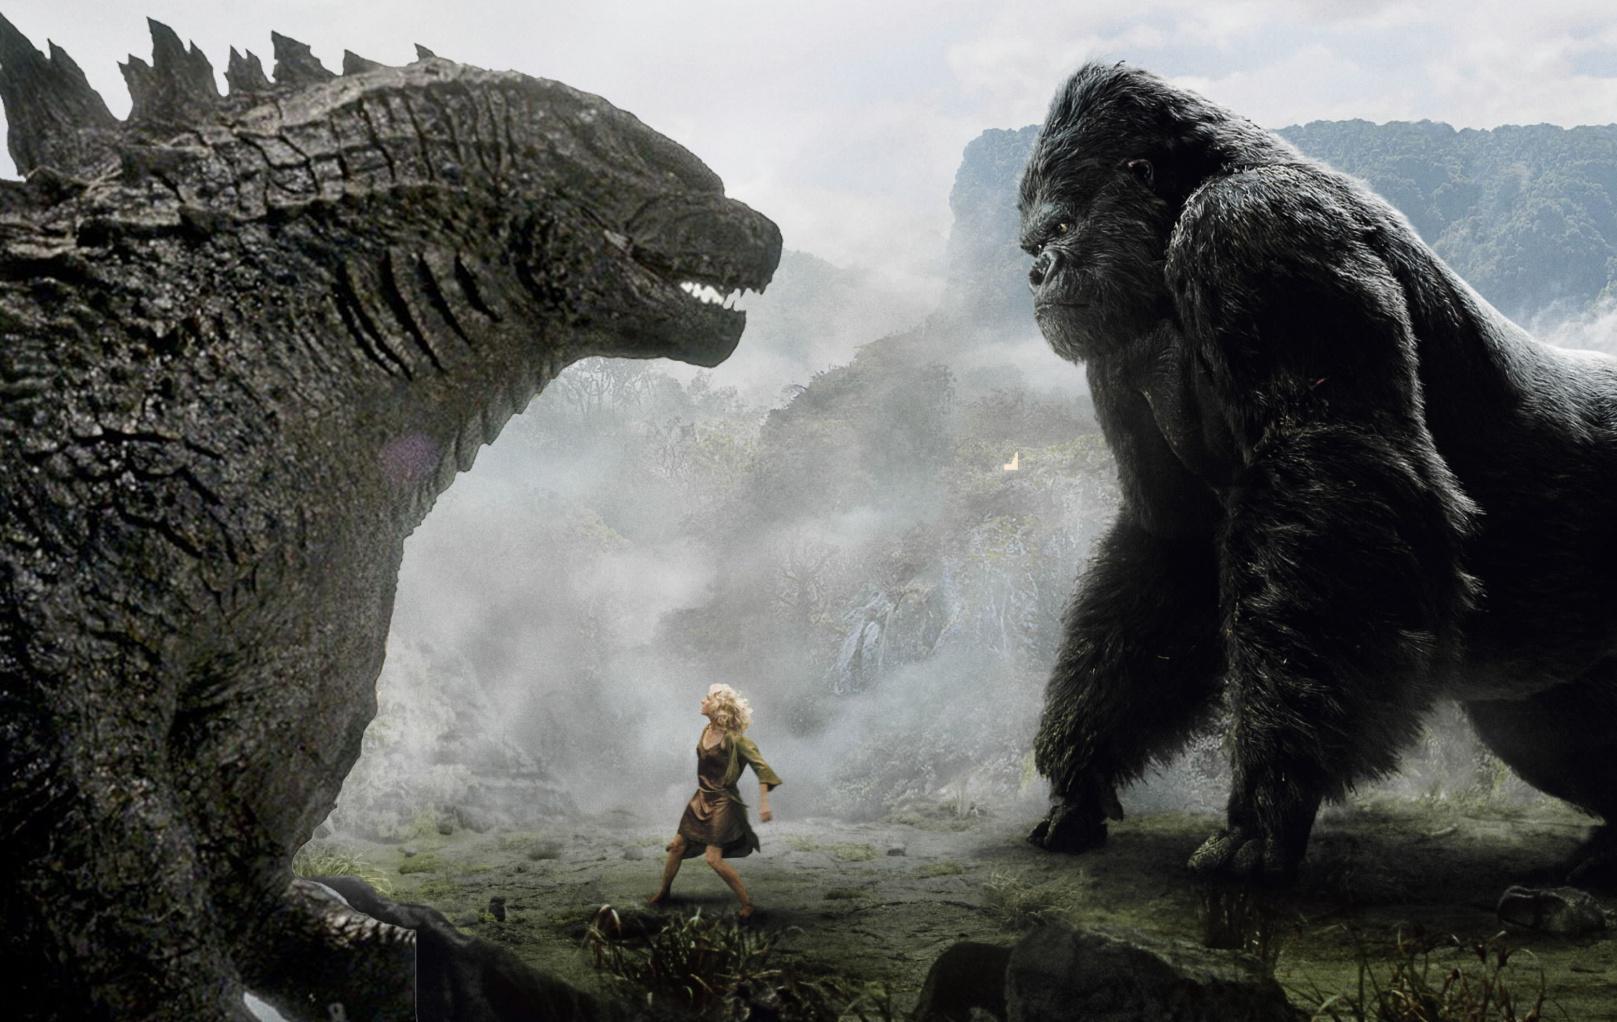 《金刚:骷髅岛》最新片段发布~ 史上最大金刚霸气登场